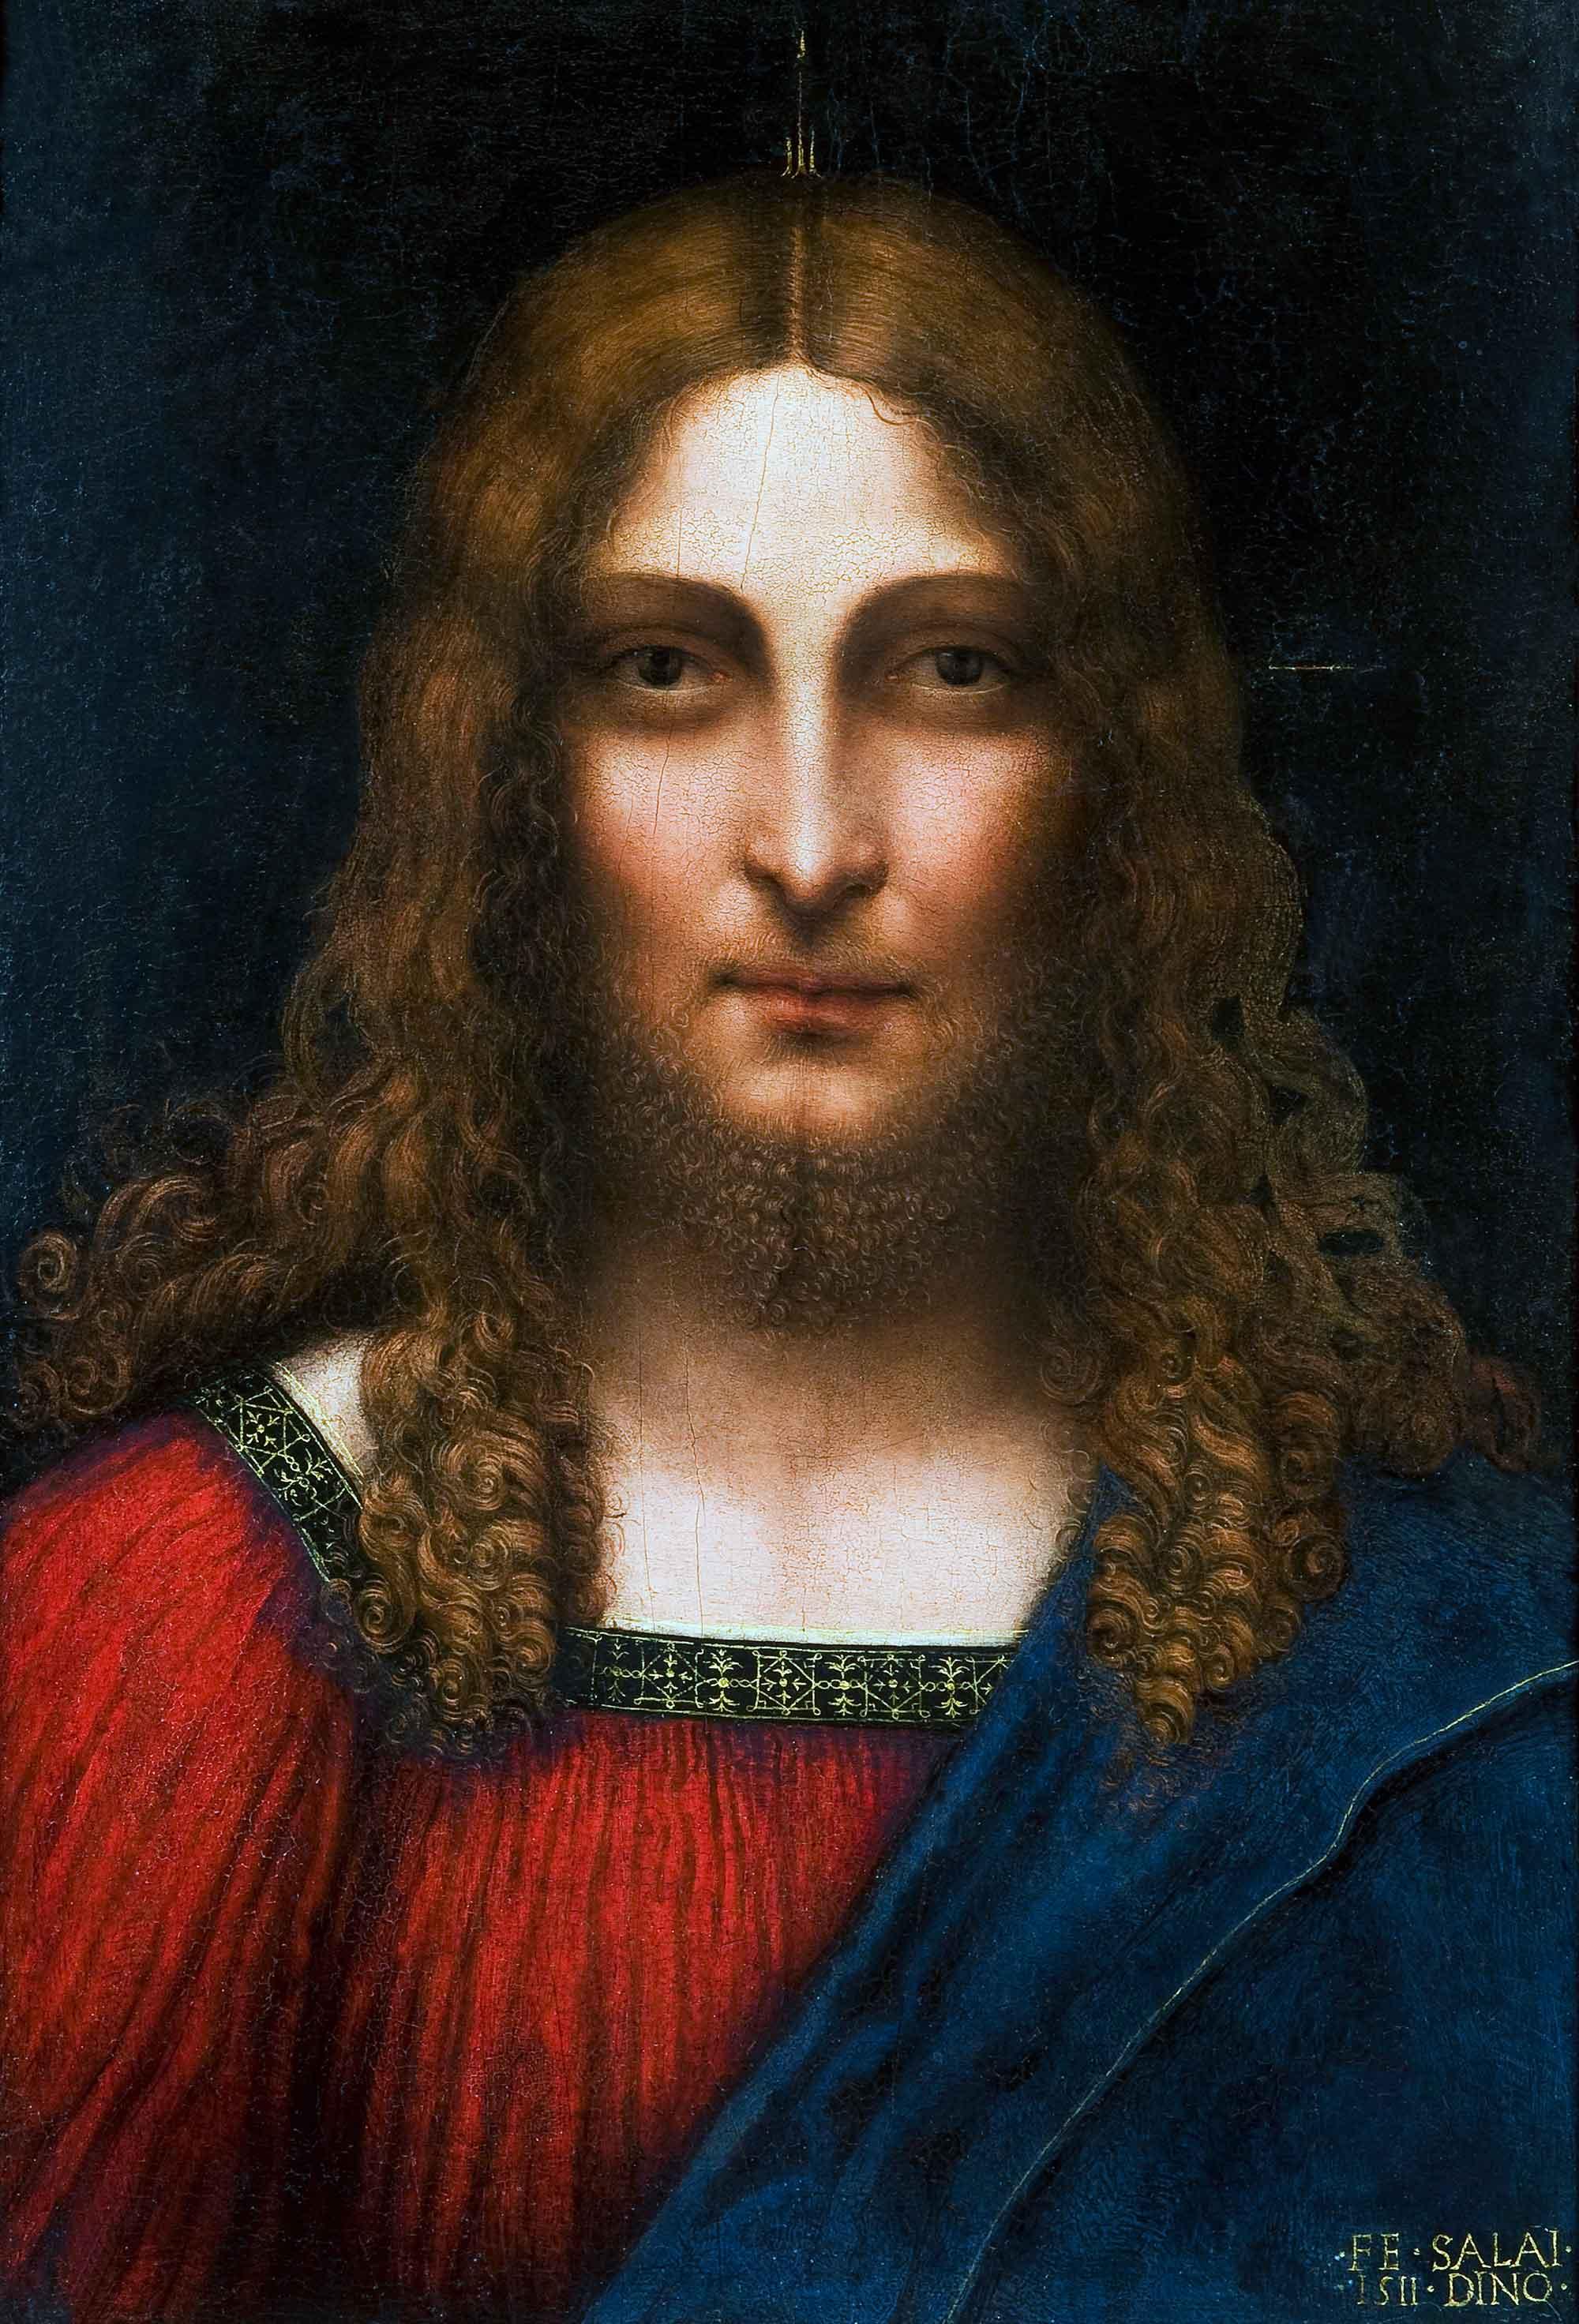 Gian Giacomo Caprotti detto il Salaì, Testa di Cristo redentore (1511; olio su tavola, 57,5 x 37,5 cm; Milano, Pinacoteca Ambrosiana)